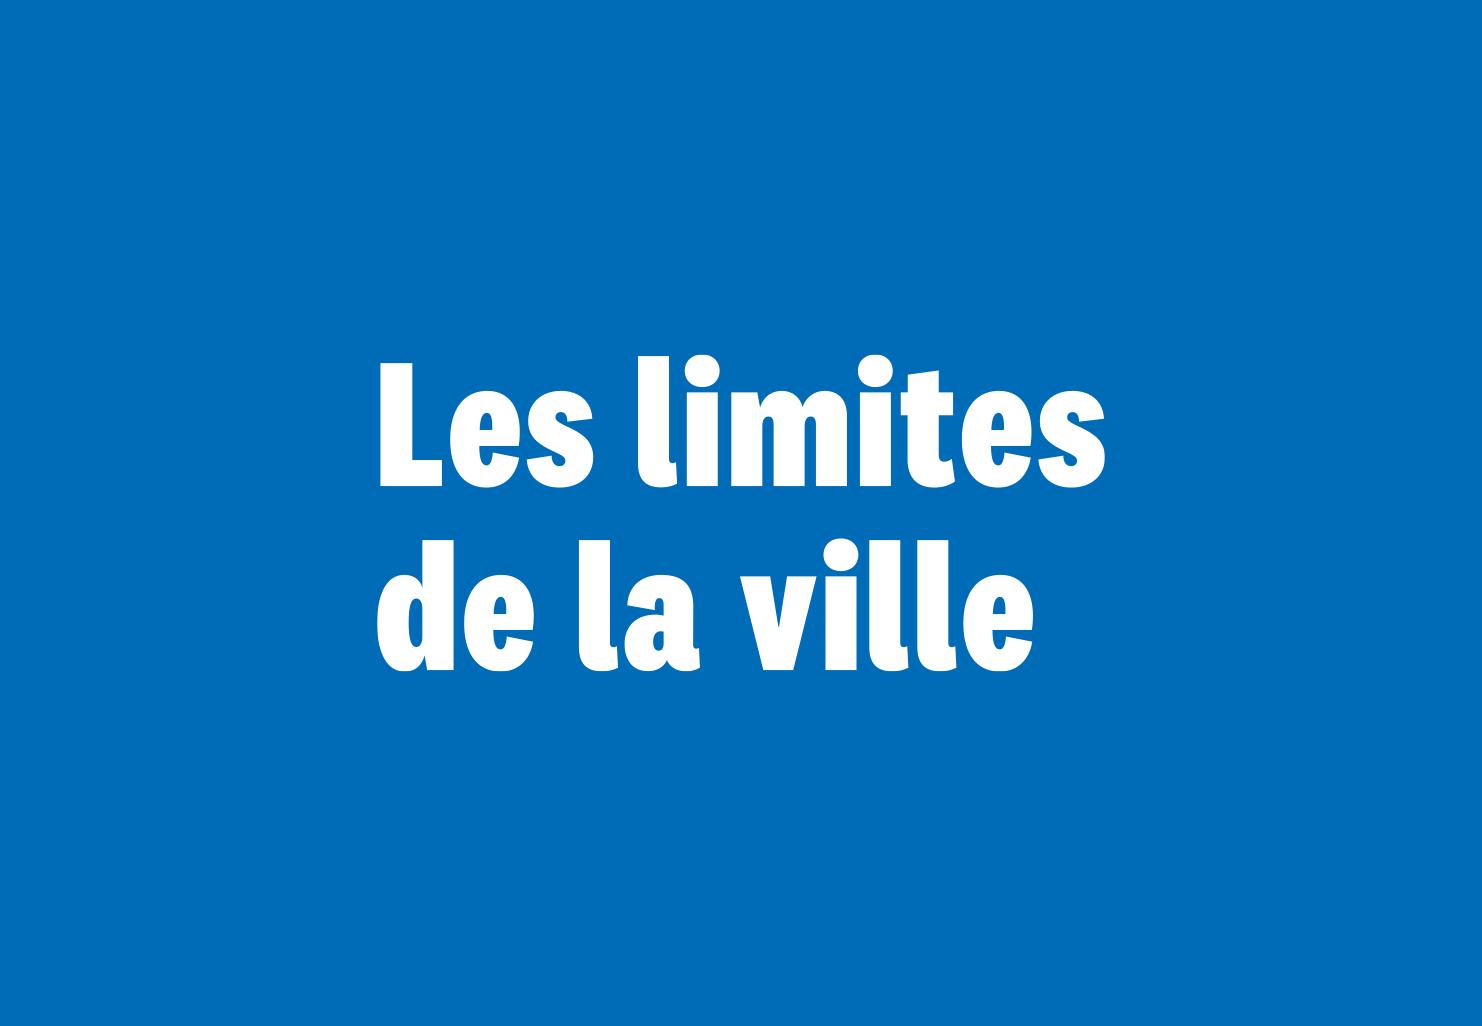 Les limites de la ville